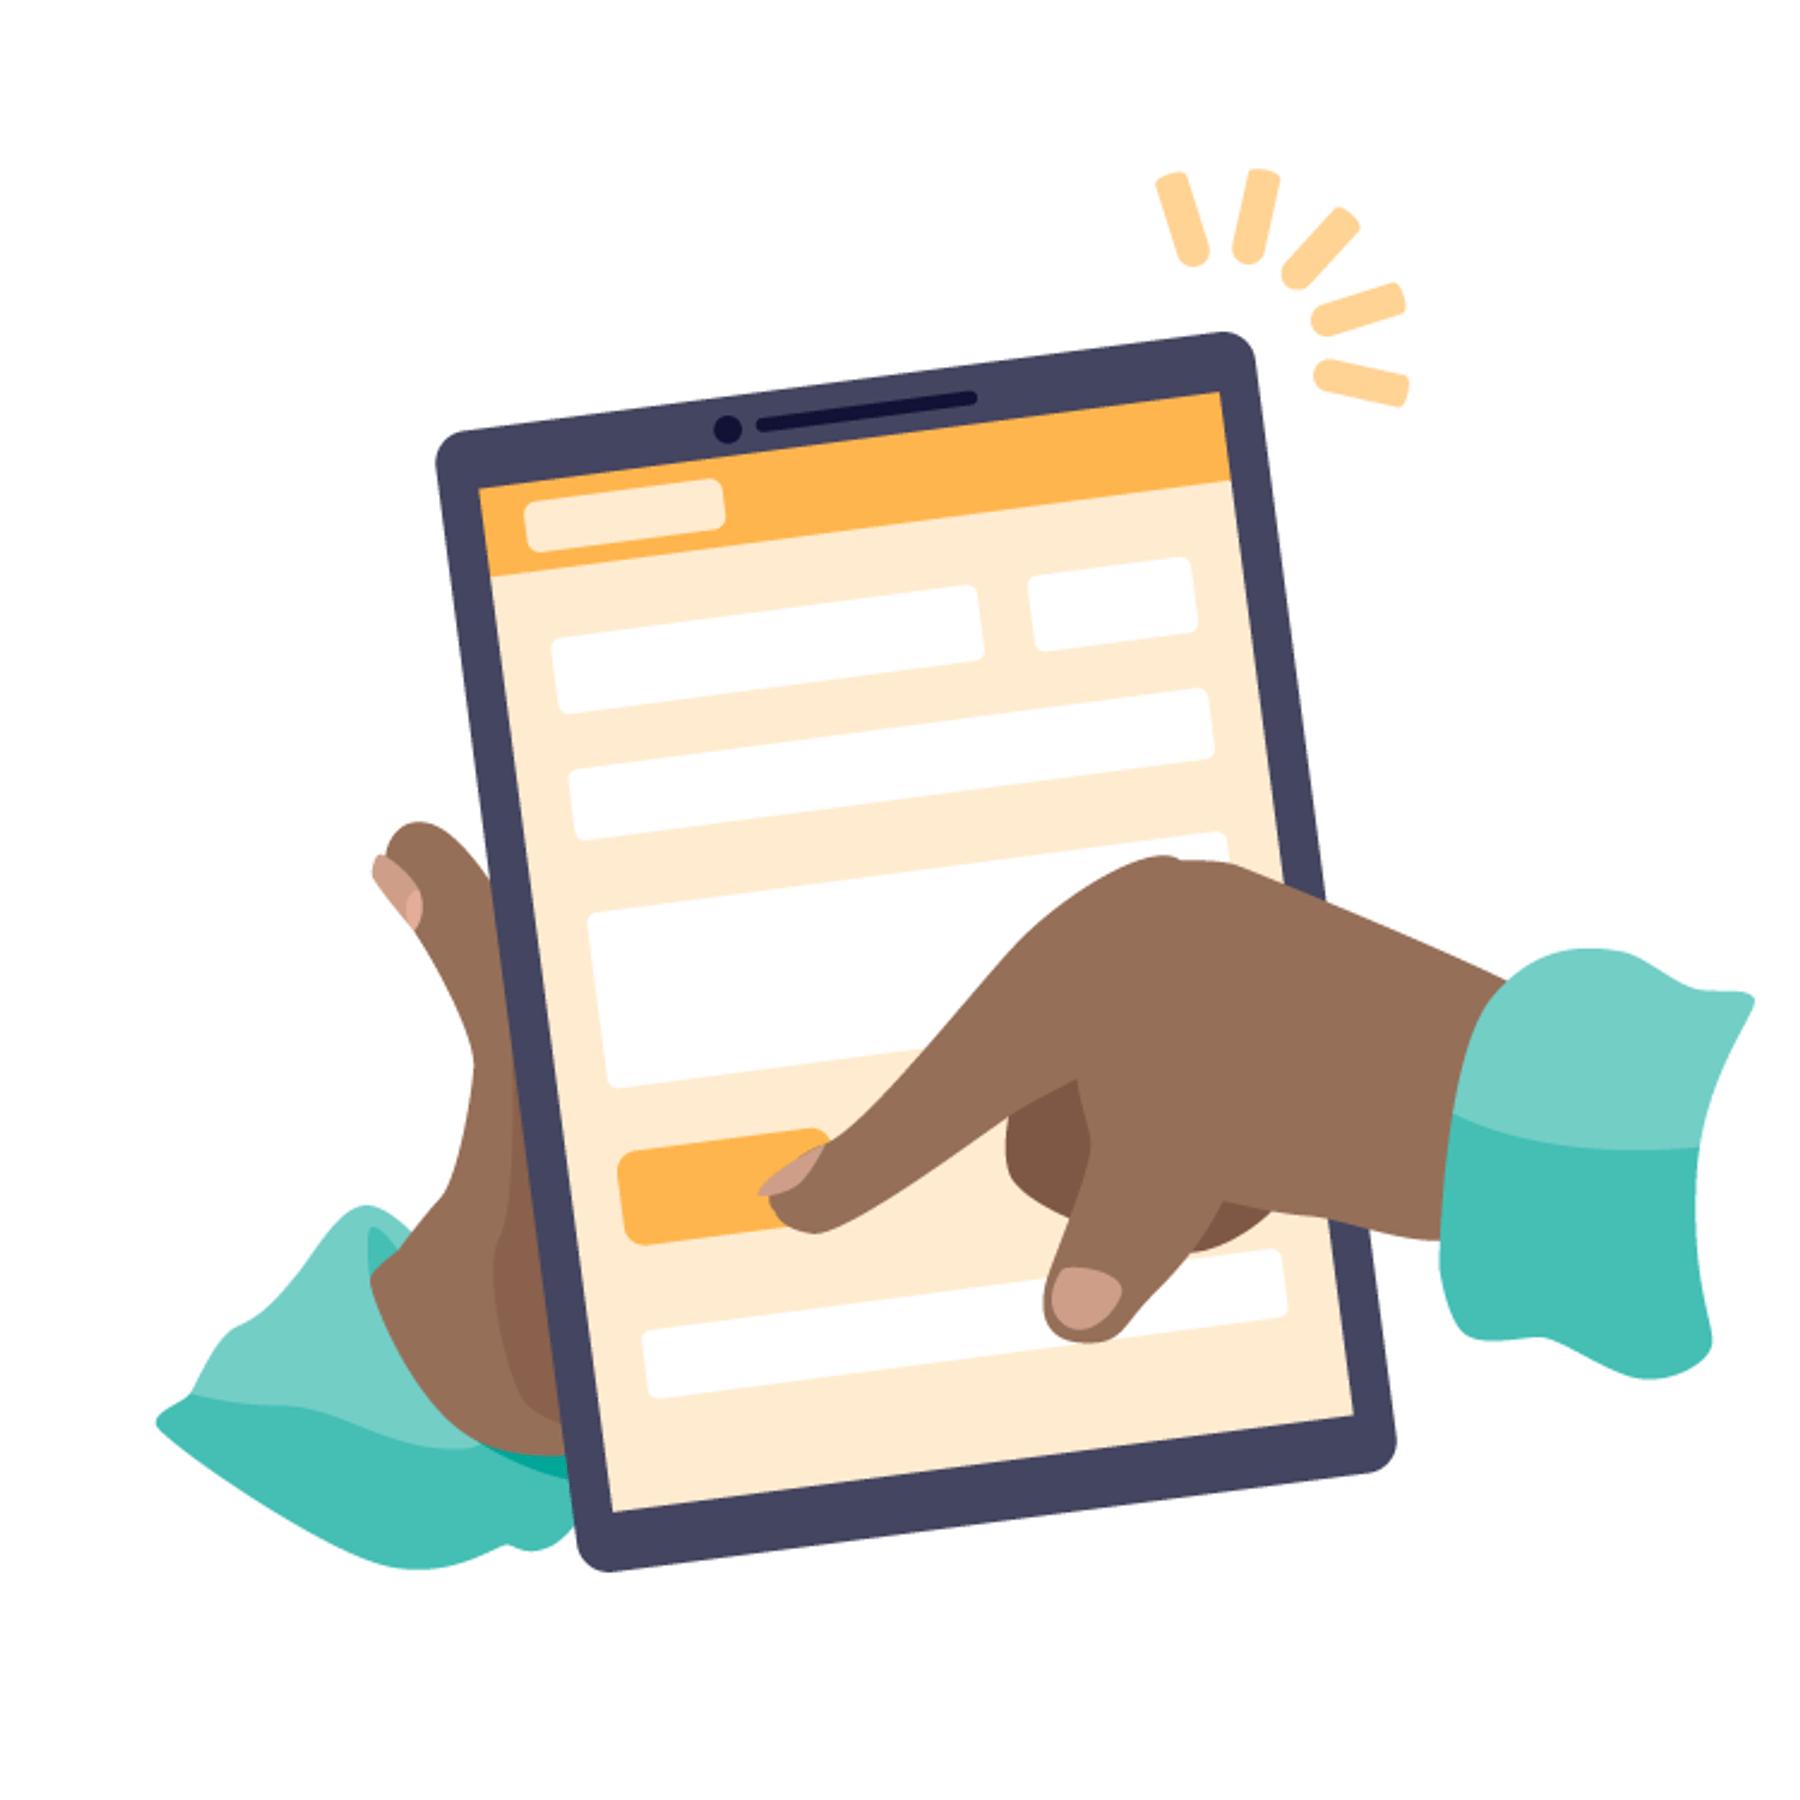 Een illustratie van een hand die een knop op een tablet selecteert.